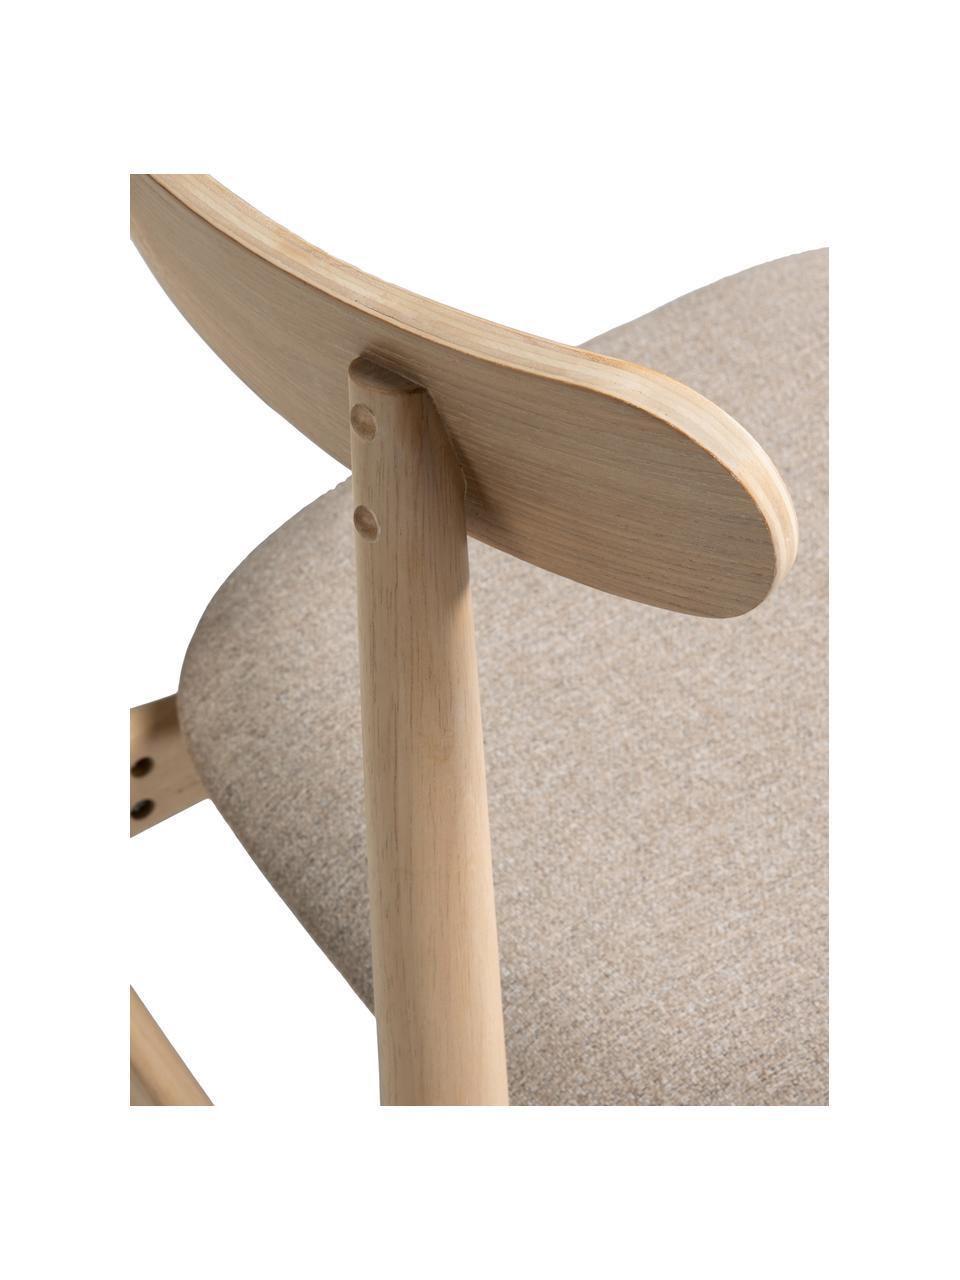 Sedia in legno con seduta imbottita Nayme, Rivestimento: poliestere, Cornice: legno albero della gomma, Struttura: compensato, Marrone, beige, Larg. 48 x Prof. 50 cm